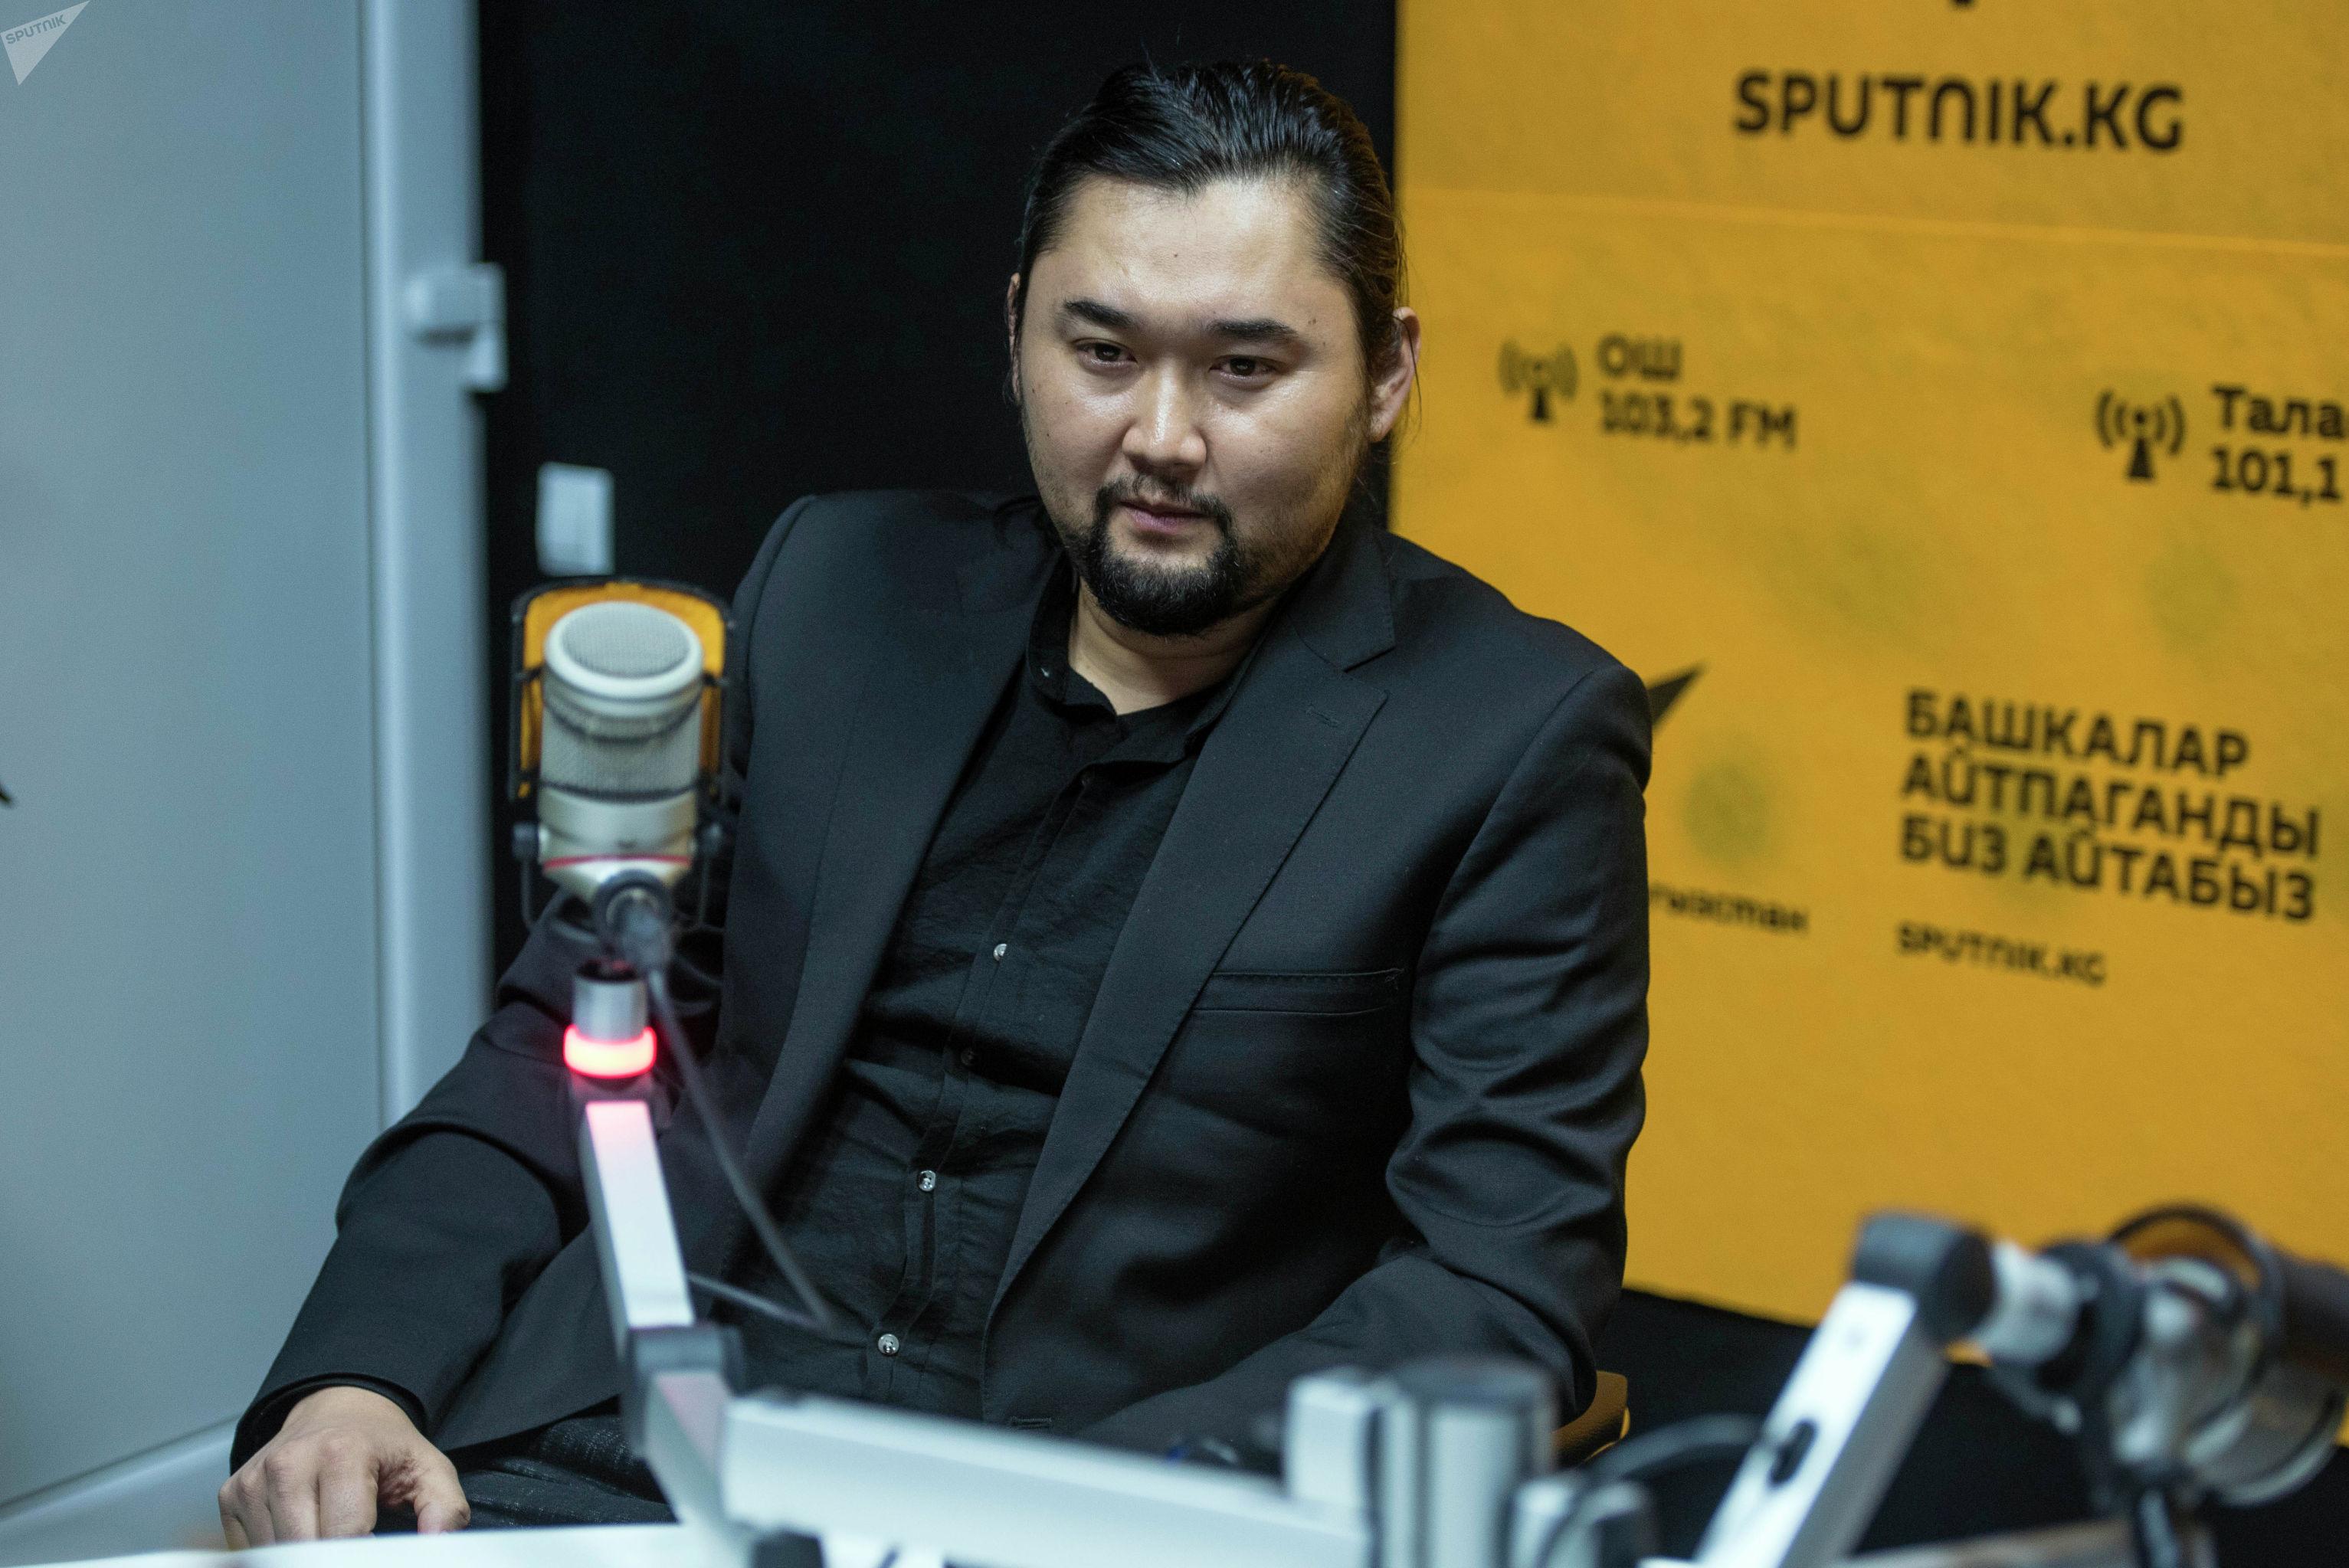 Актер Элчоро Курман во время беседы на радио